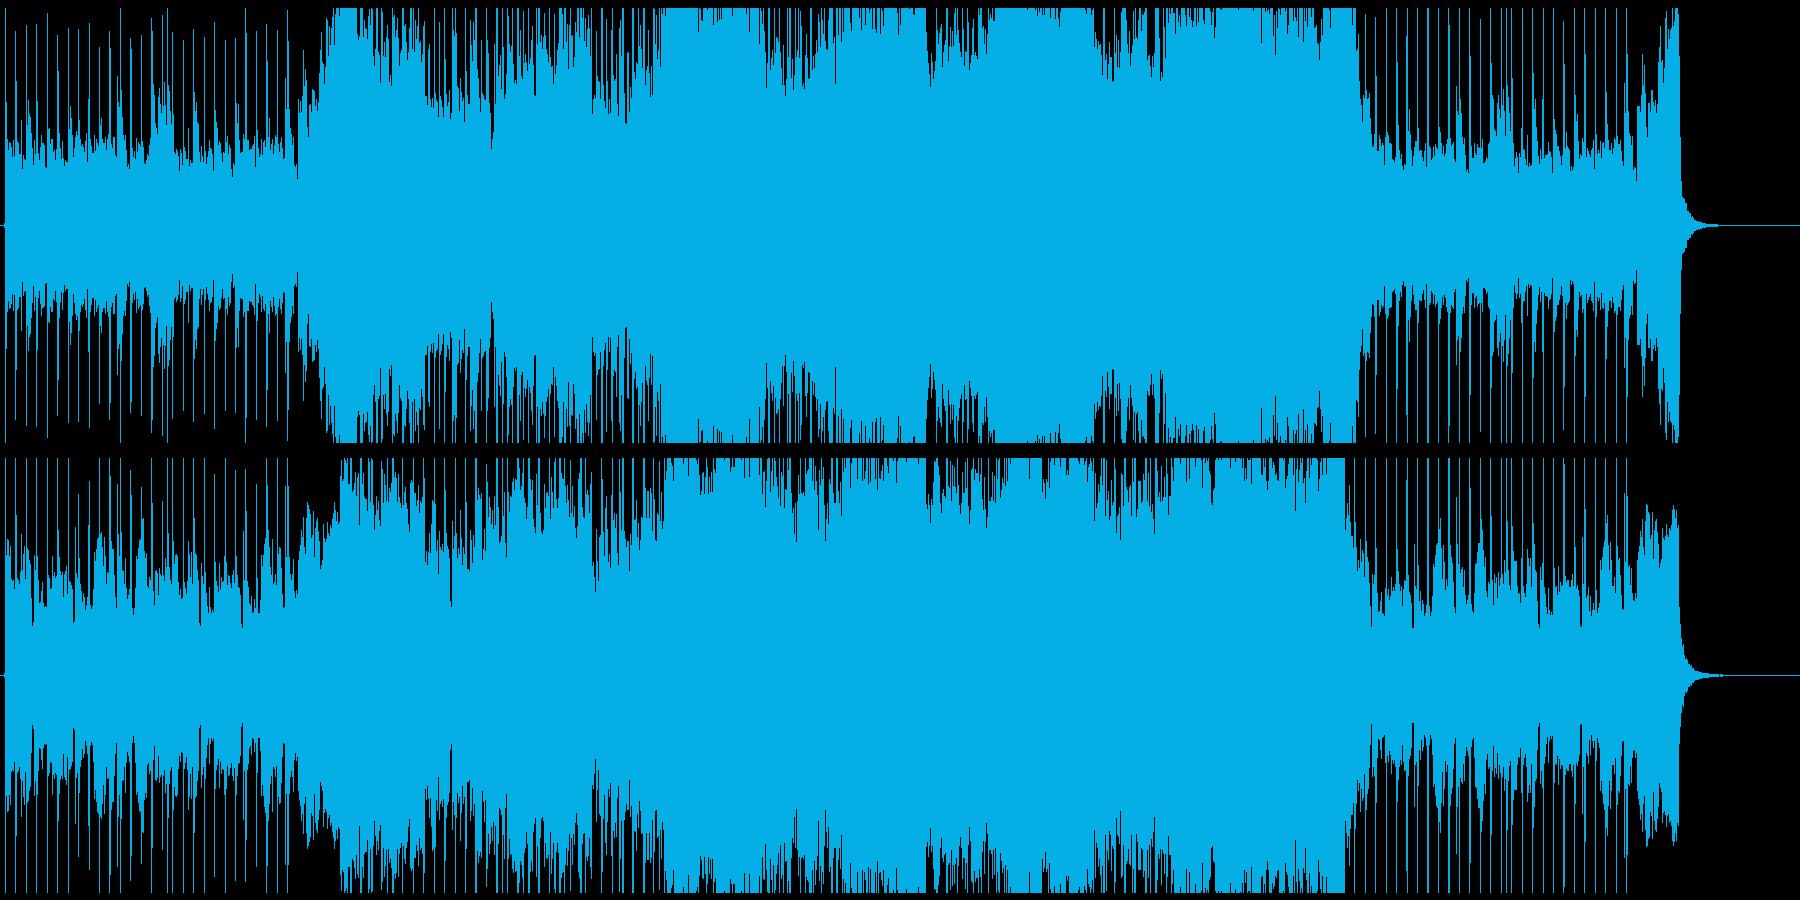 エレビのリフから始まる爽やかなポップスの再生済みの波形